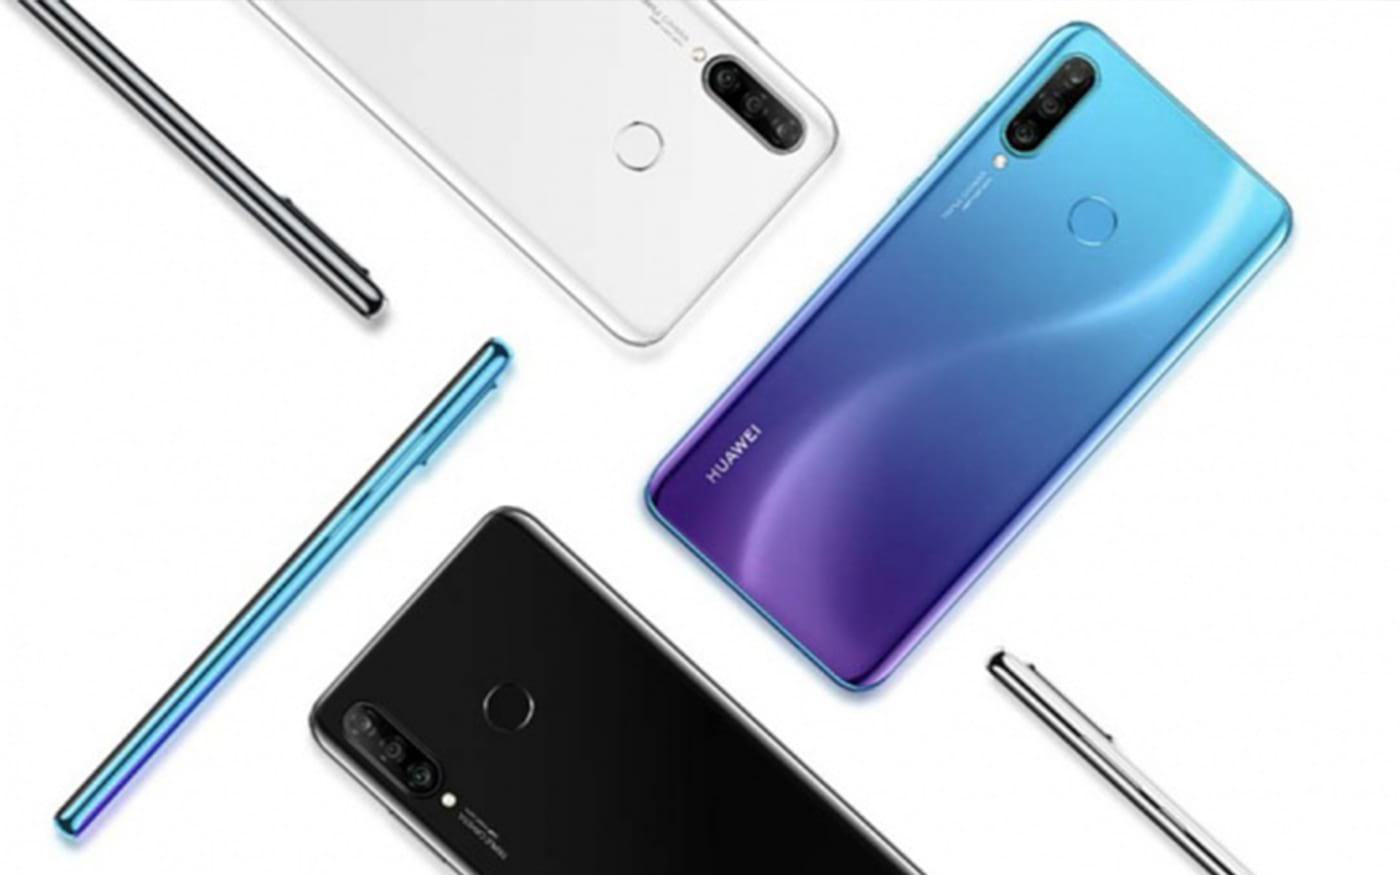 EMUI 10 com Android 10 chega ao Huawei P30 Lite